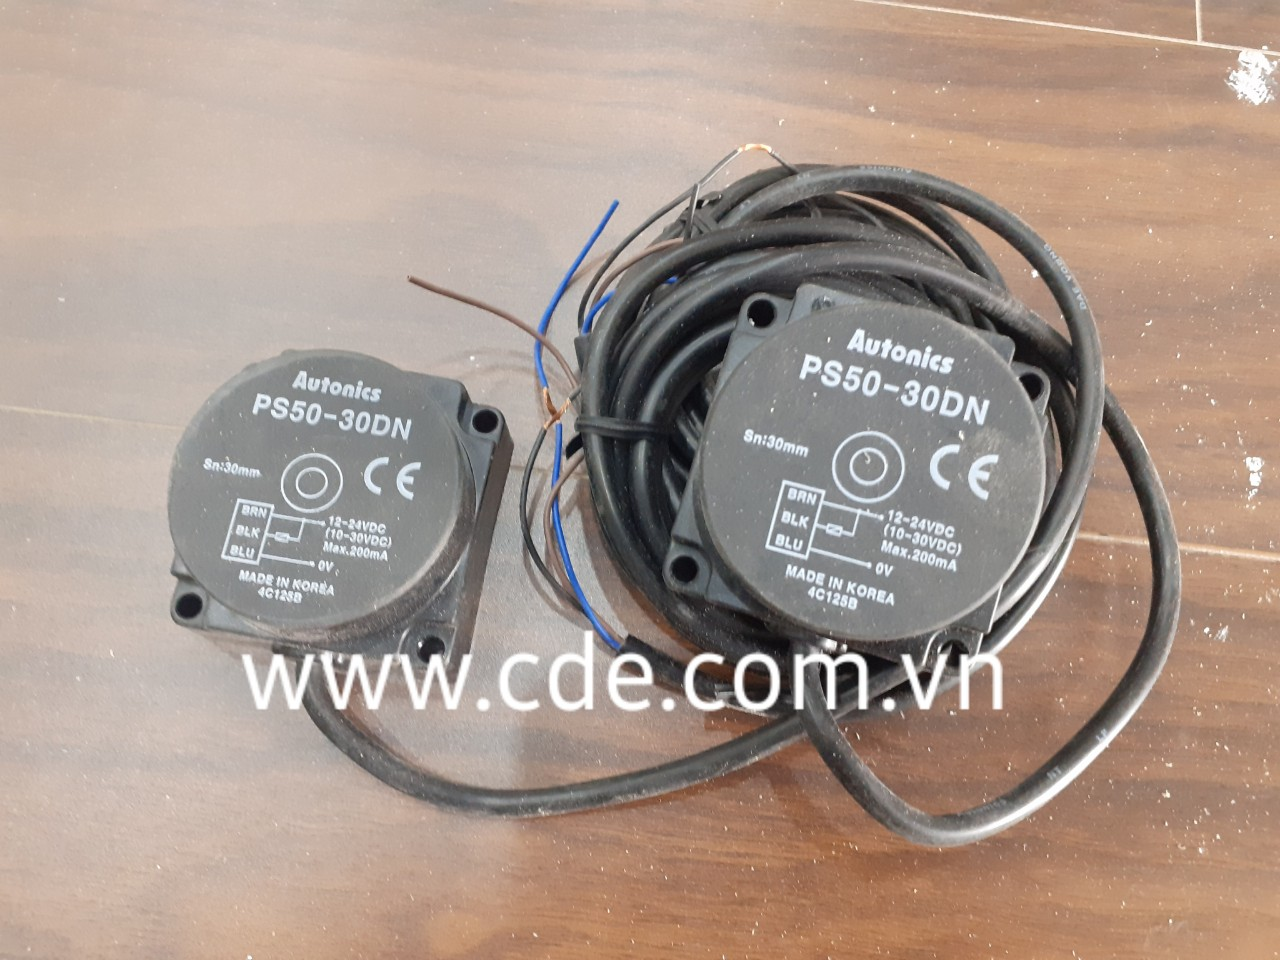 Autonics PS50-30DN